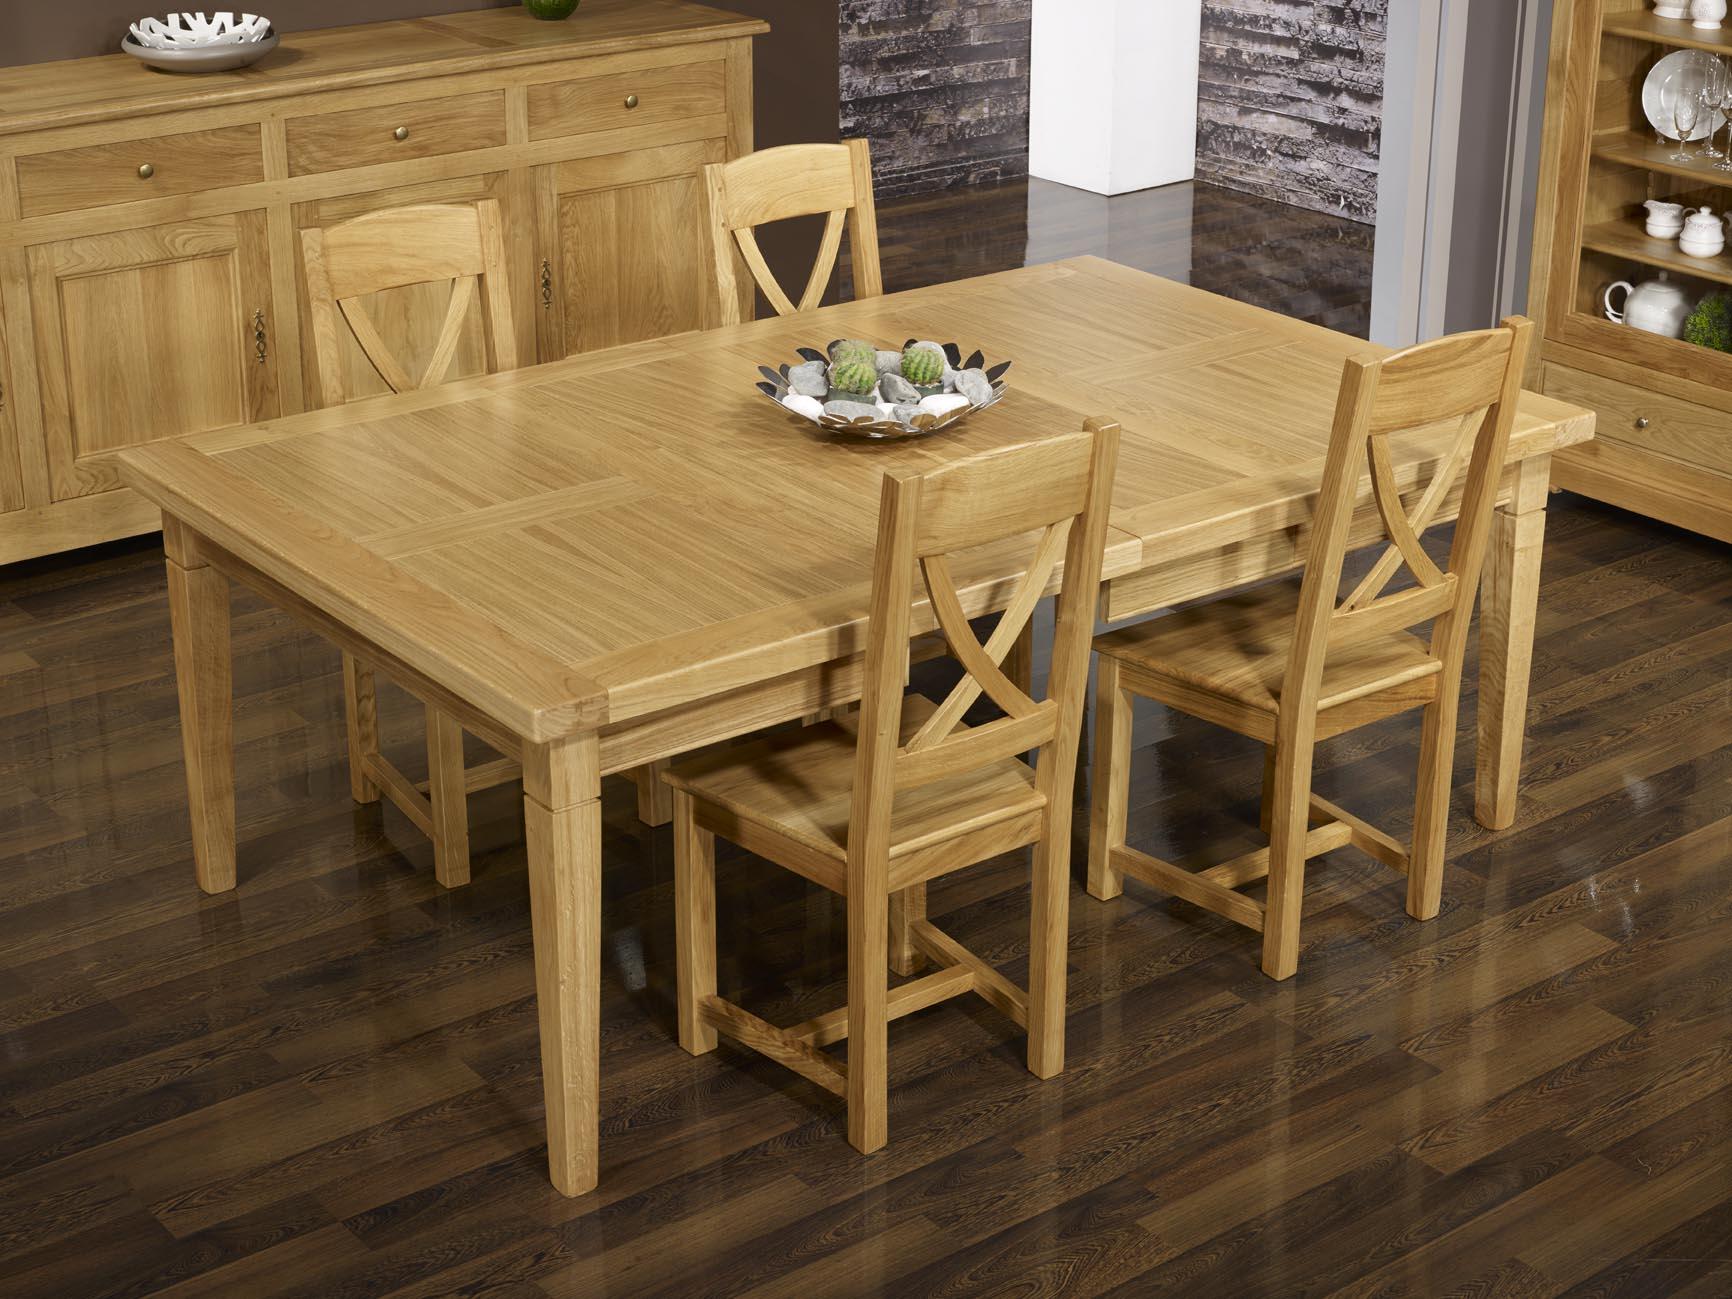 table de repas carr e en ch ne massif 140x140 pieds chanfreins meuble en ch ne. Black Bedroom Furniture Sets. Home Design Ideas